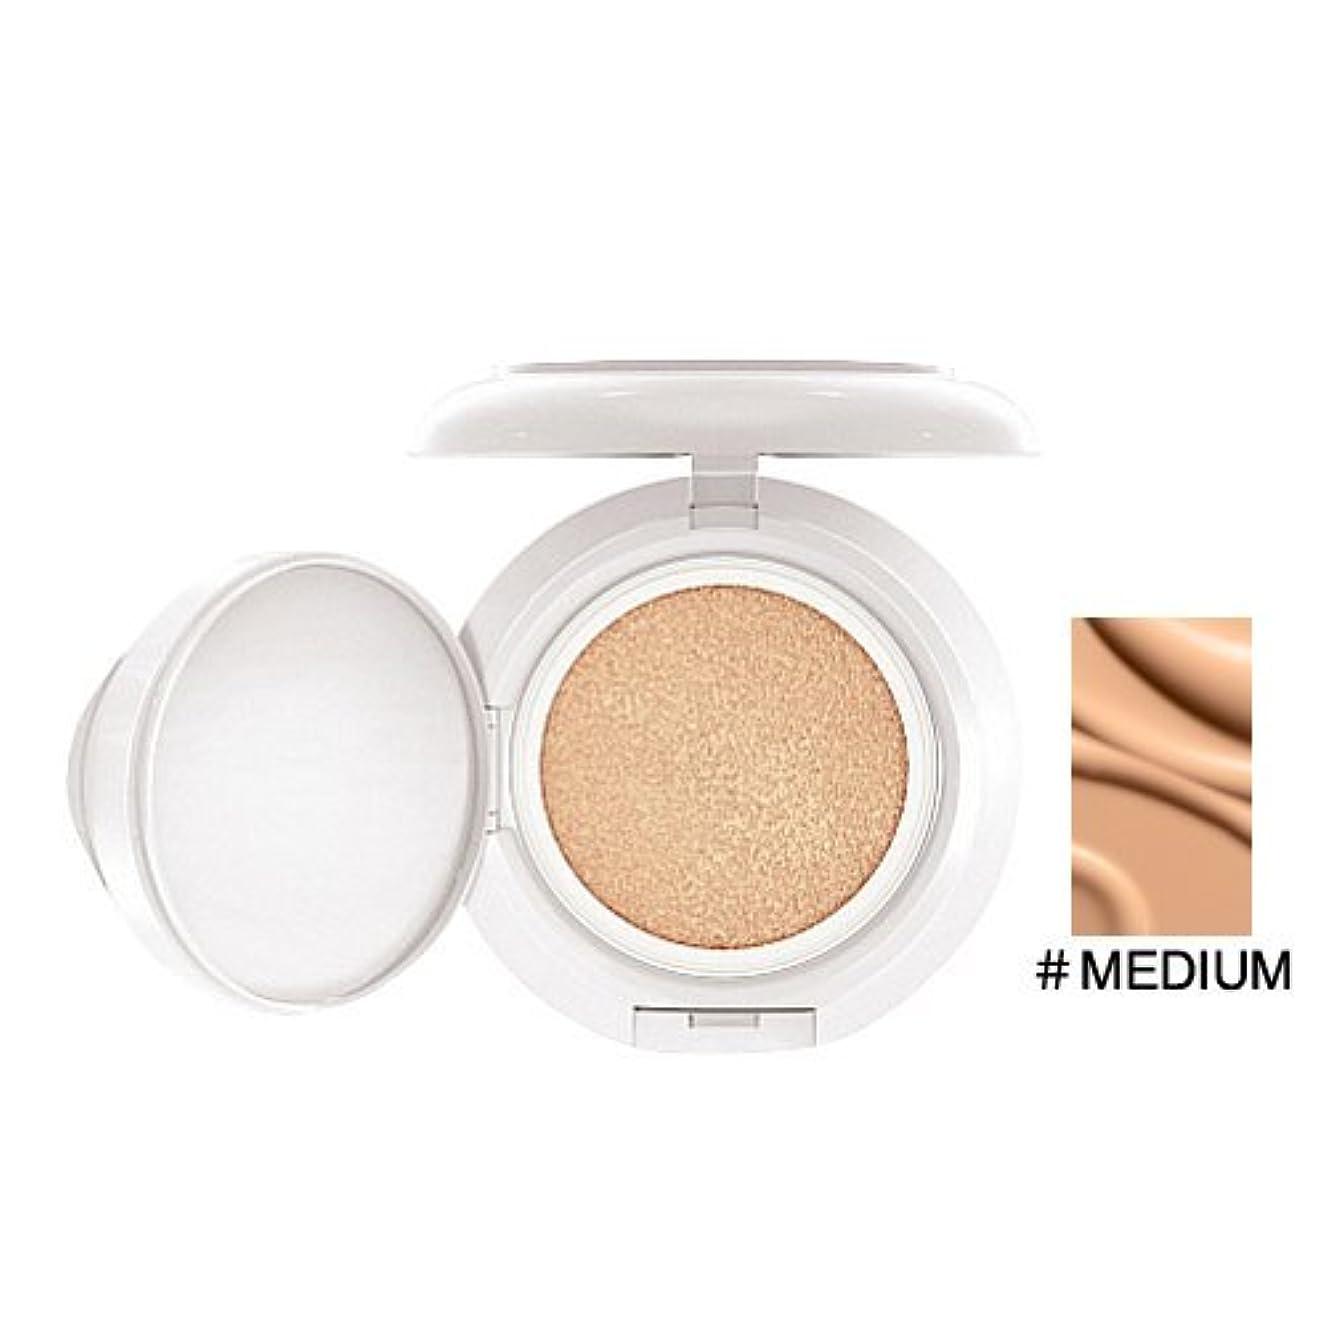 役に立たない香り扇動するマック MAC ライトフル C SPF50 クイック フィニッシュ コンパクト #MEDIUM [並行輸入品]